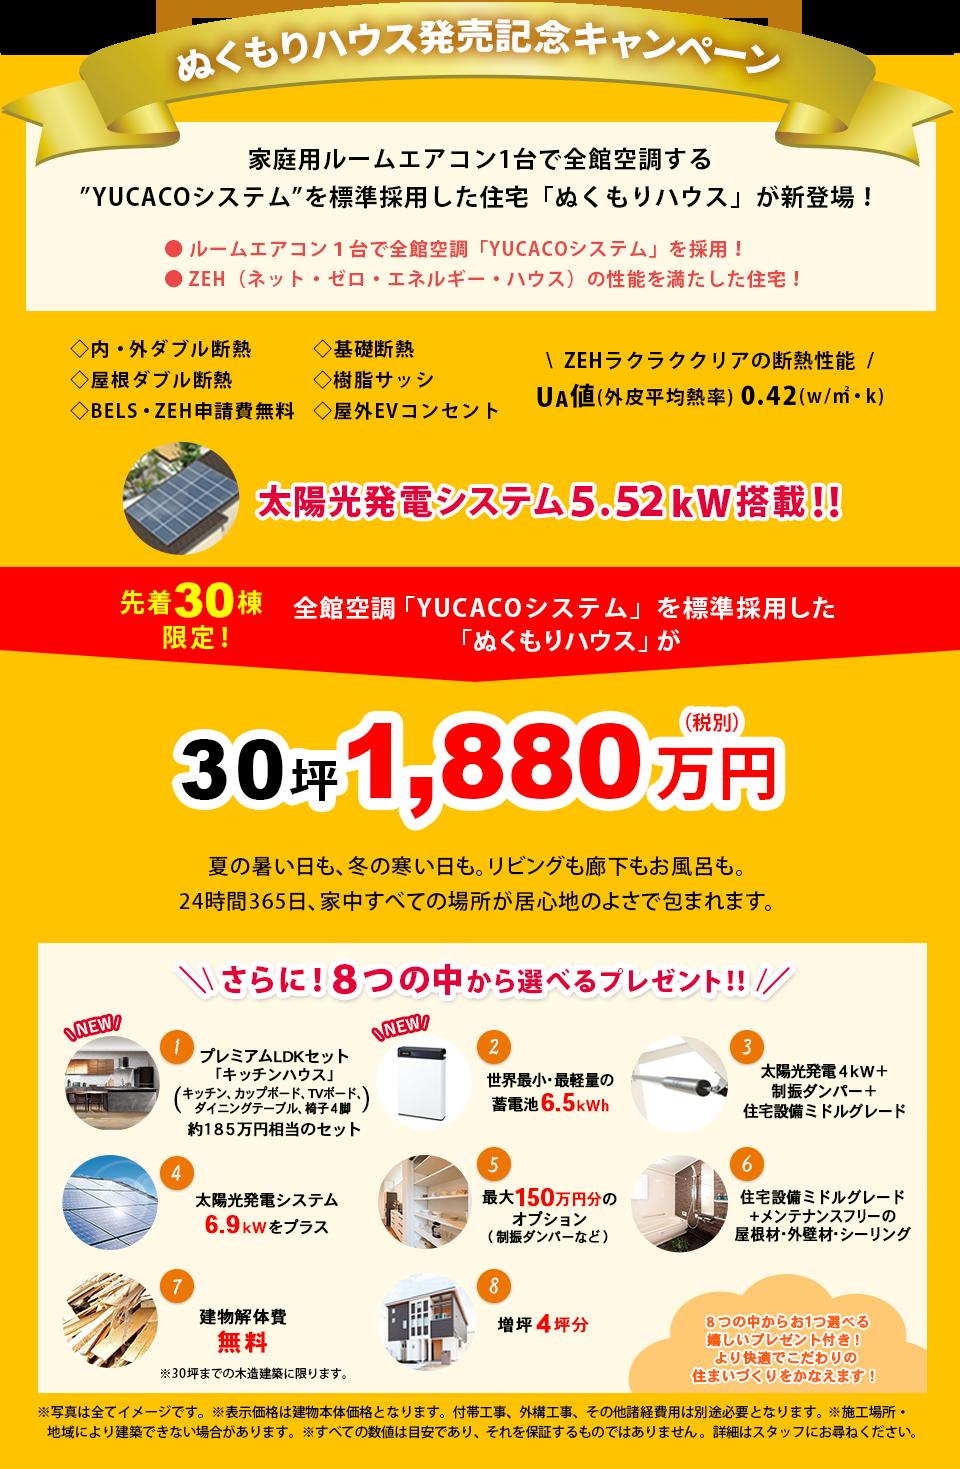 ハウス・オブ・ザ・イヤー大賞受賞キャンペーン